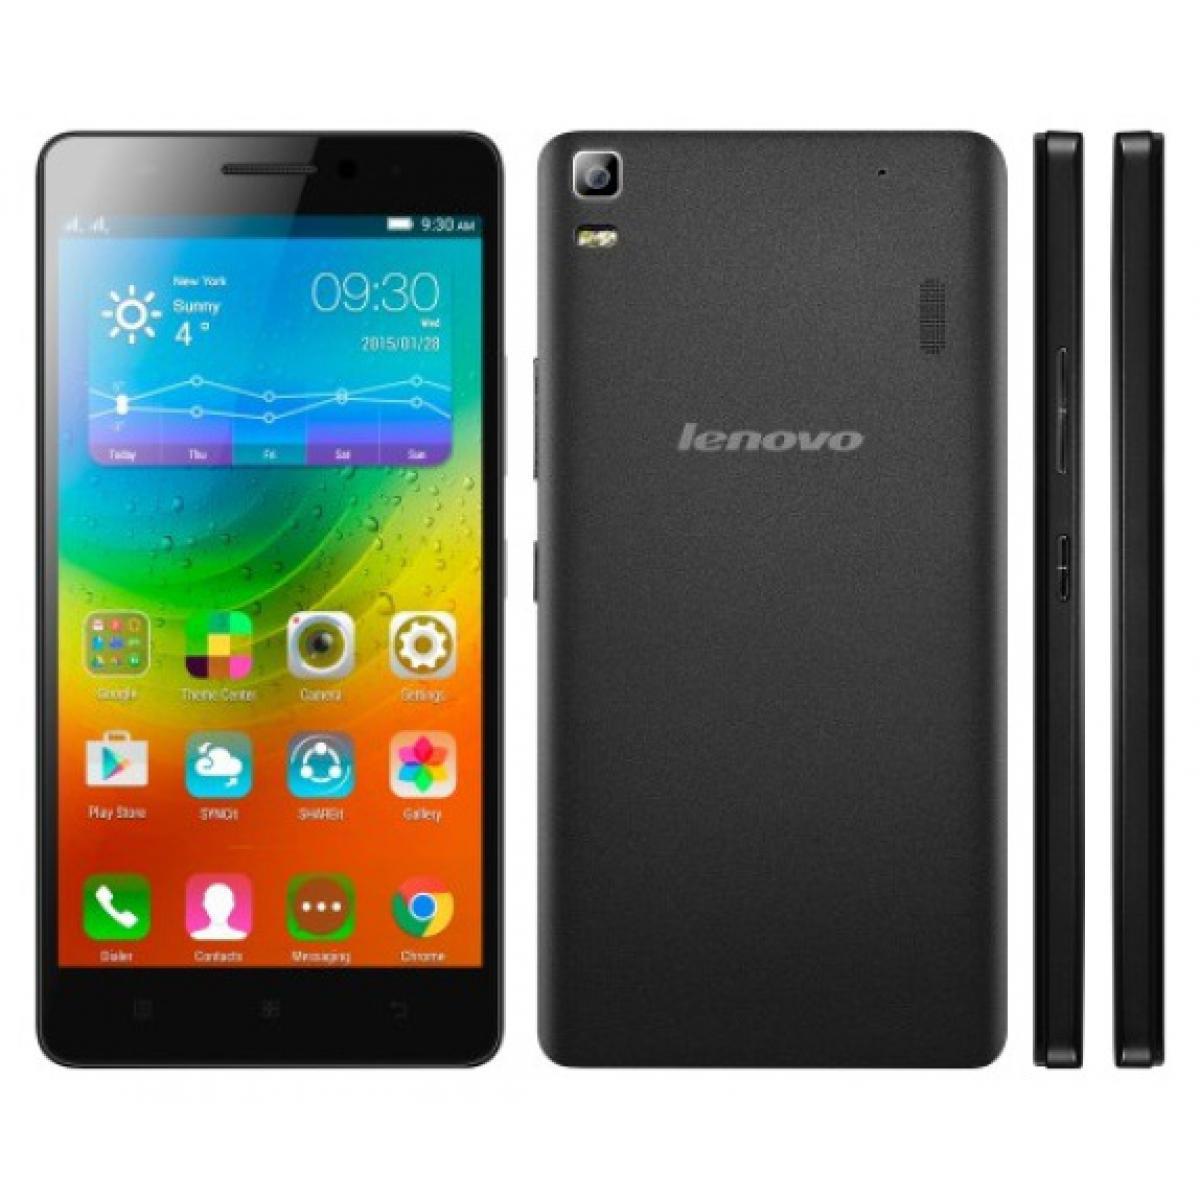 Lenovo A7000 Smartphone 4g Dual Sim   Black